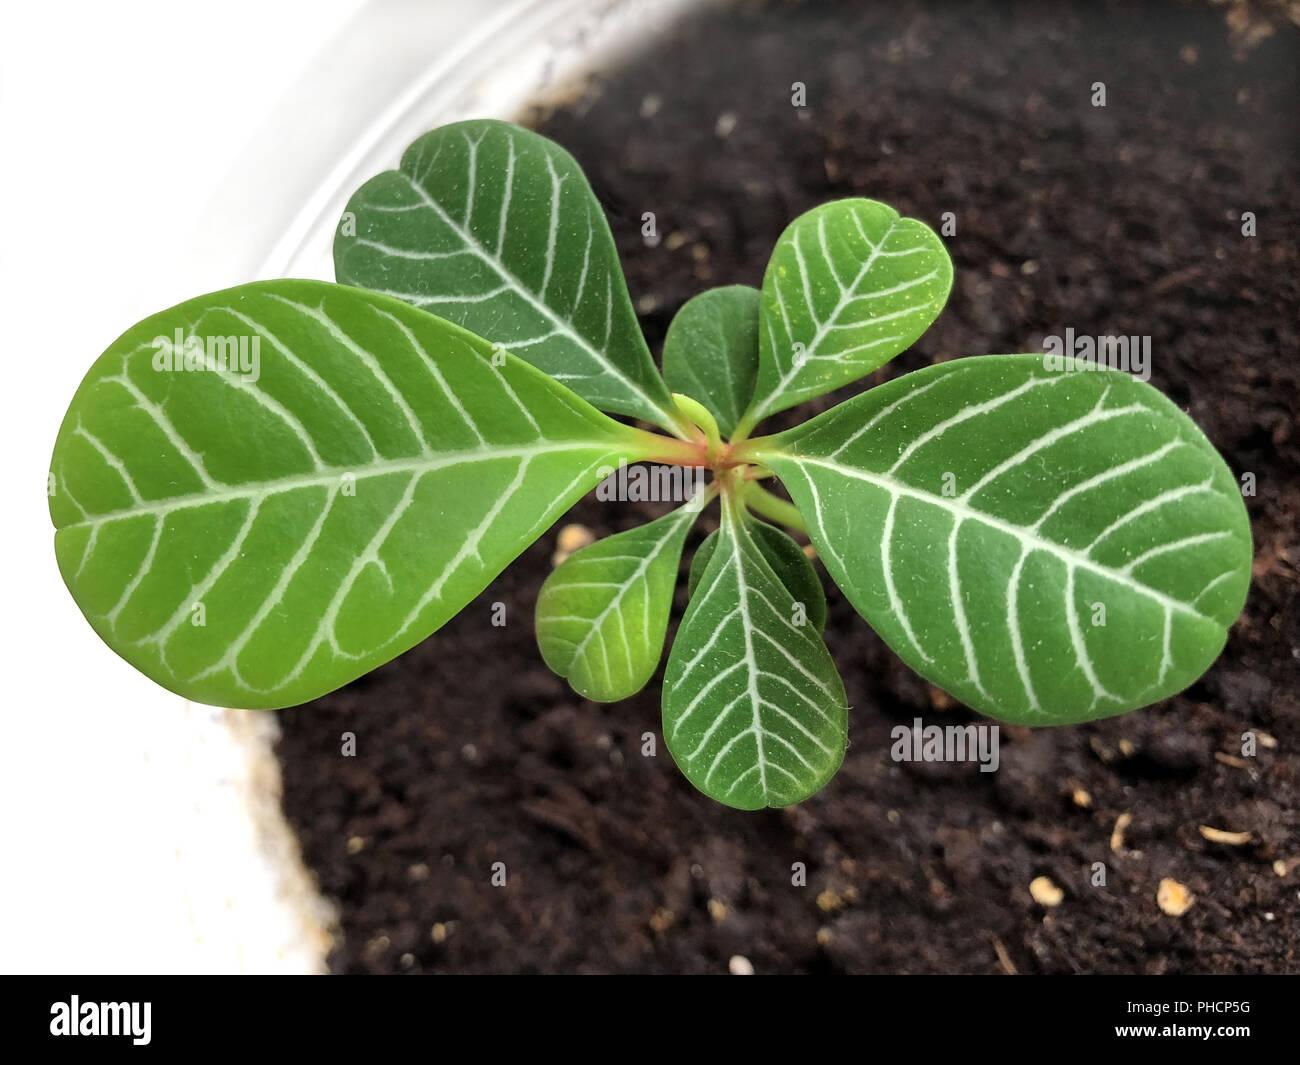 Euphorbia Leuconeura Madagascar Jewel - Stock Image